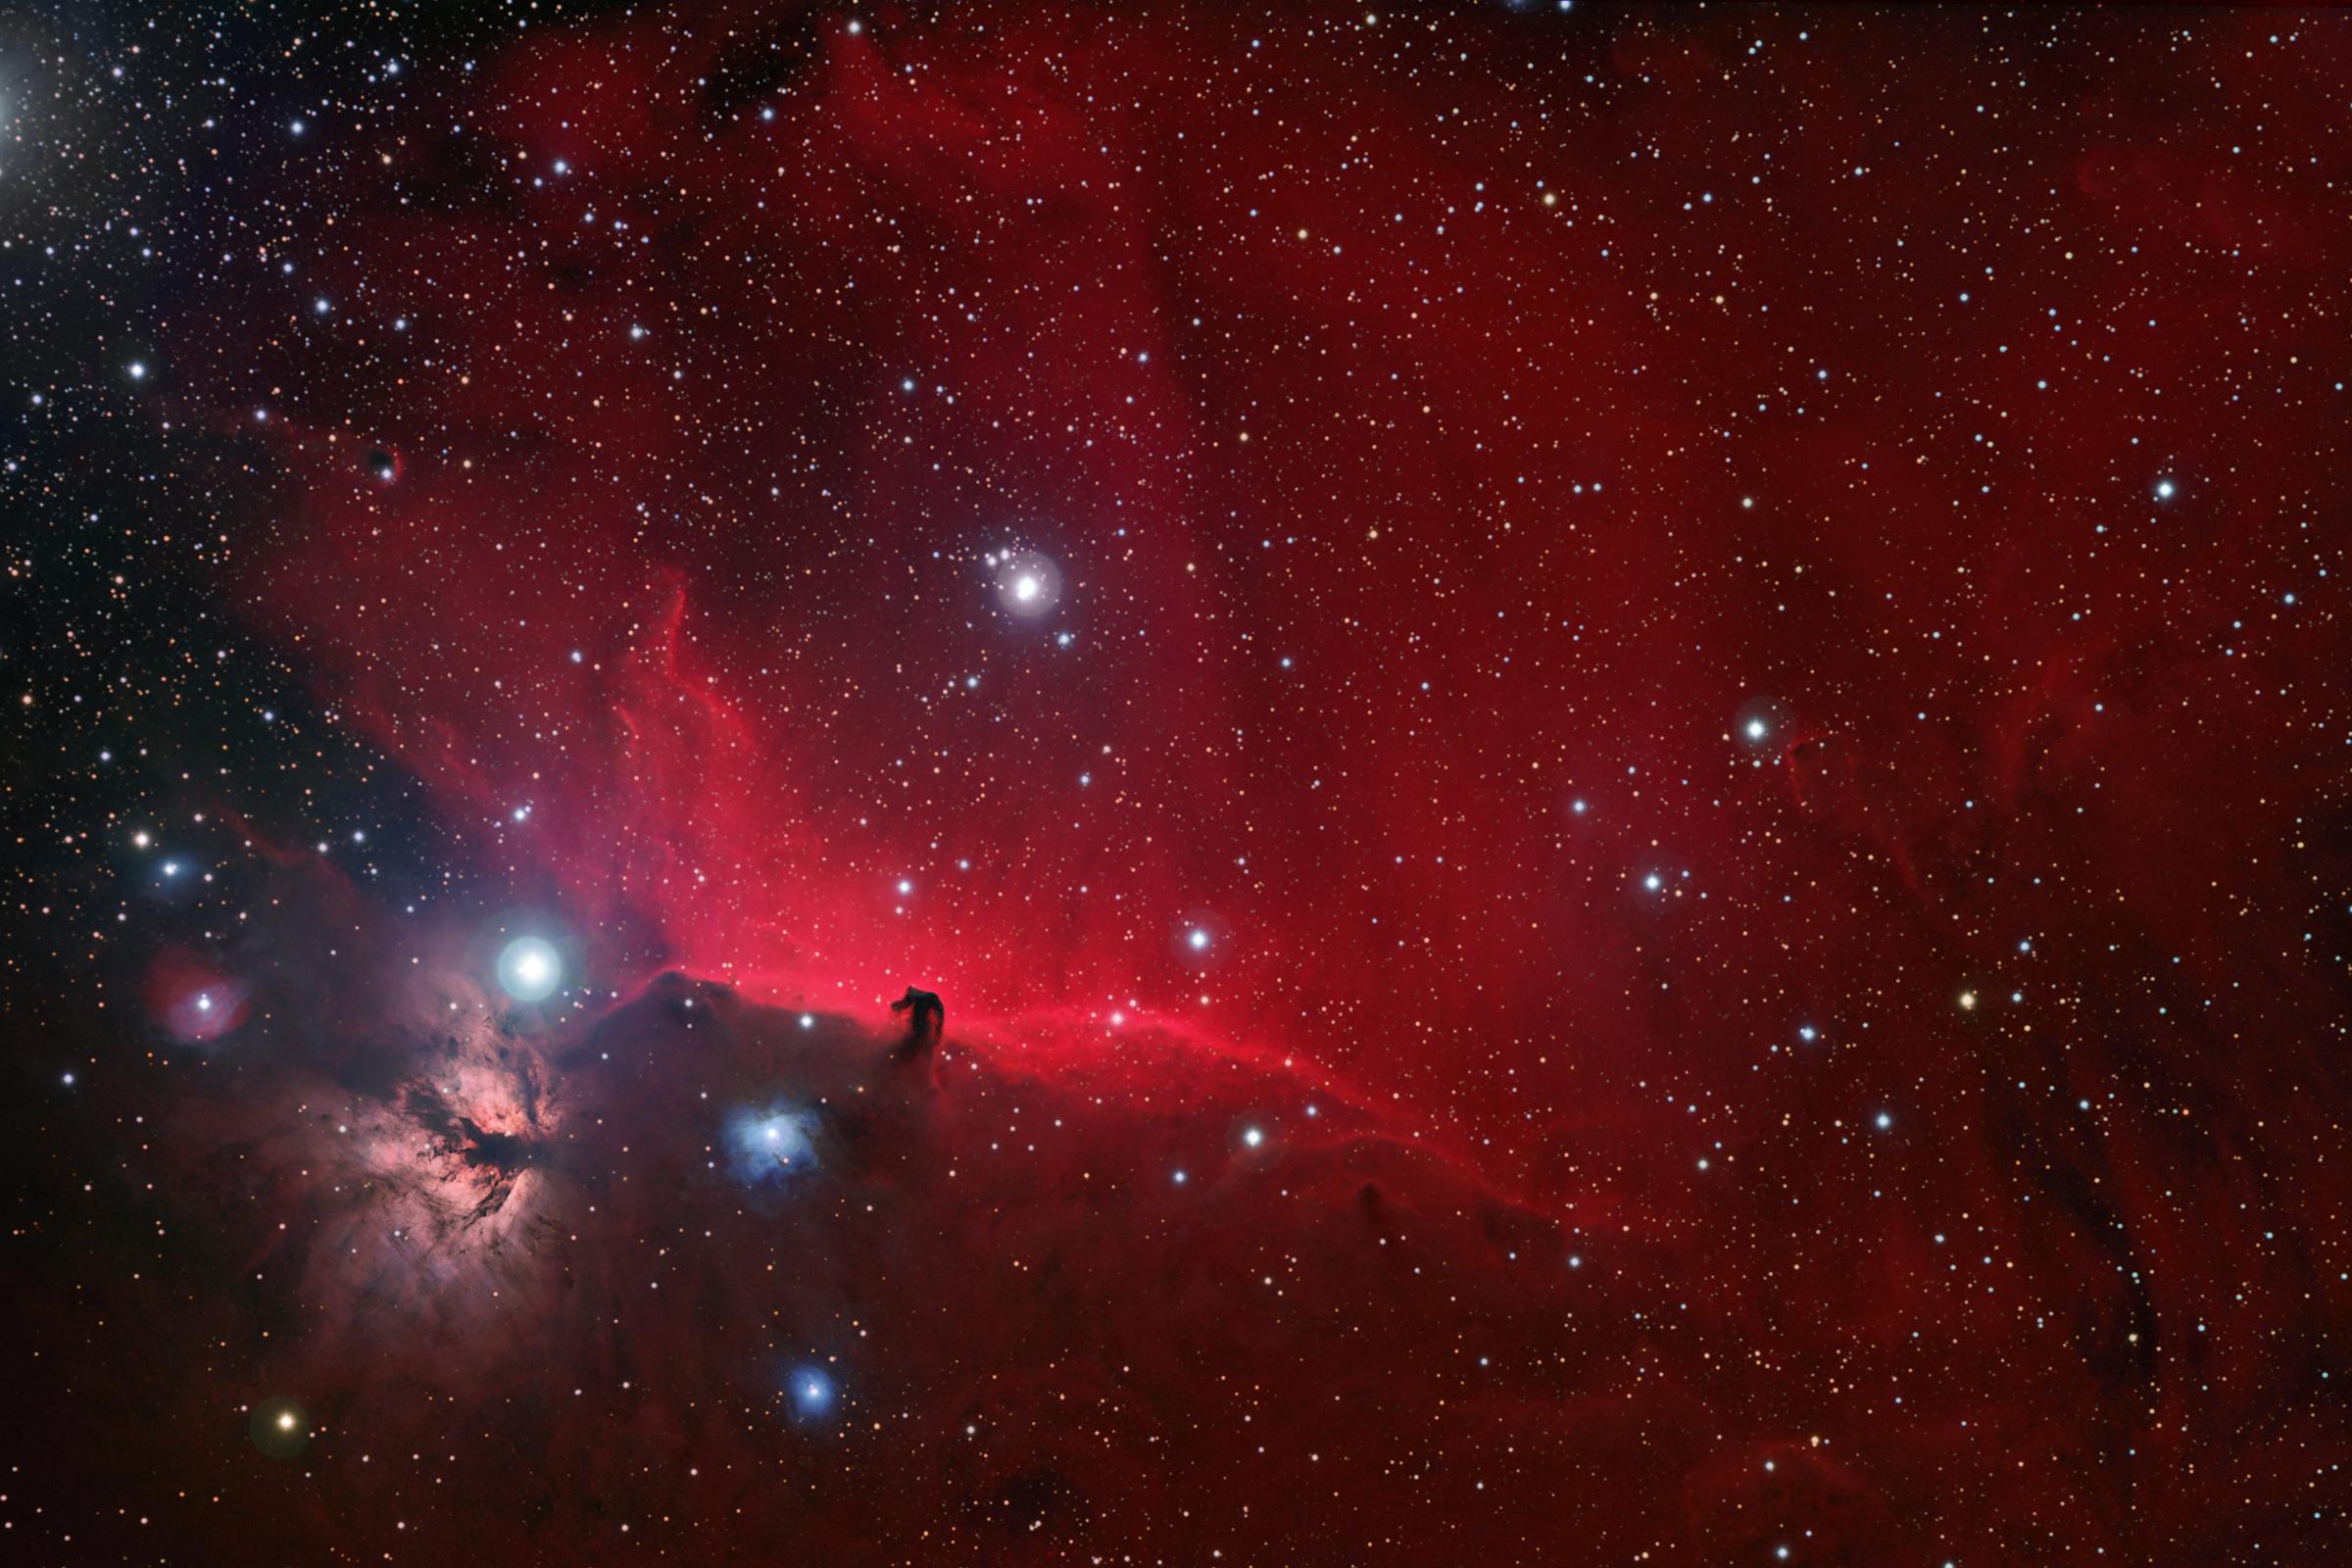 IC 43 & B33, The Horsehead Nebula